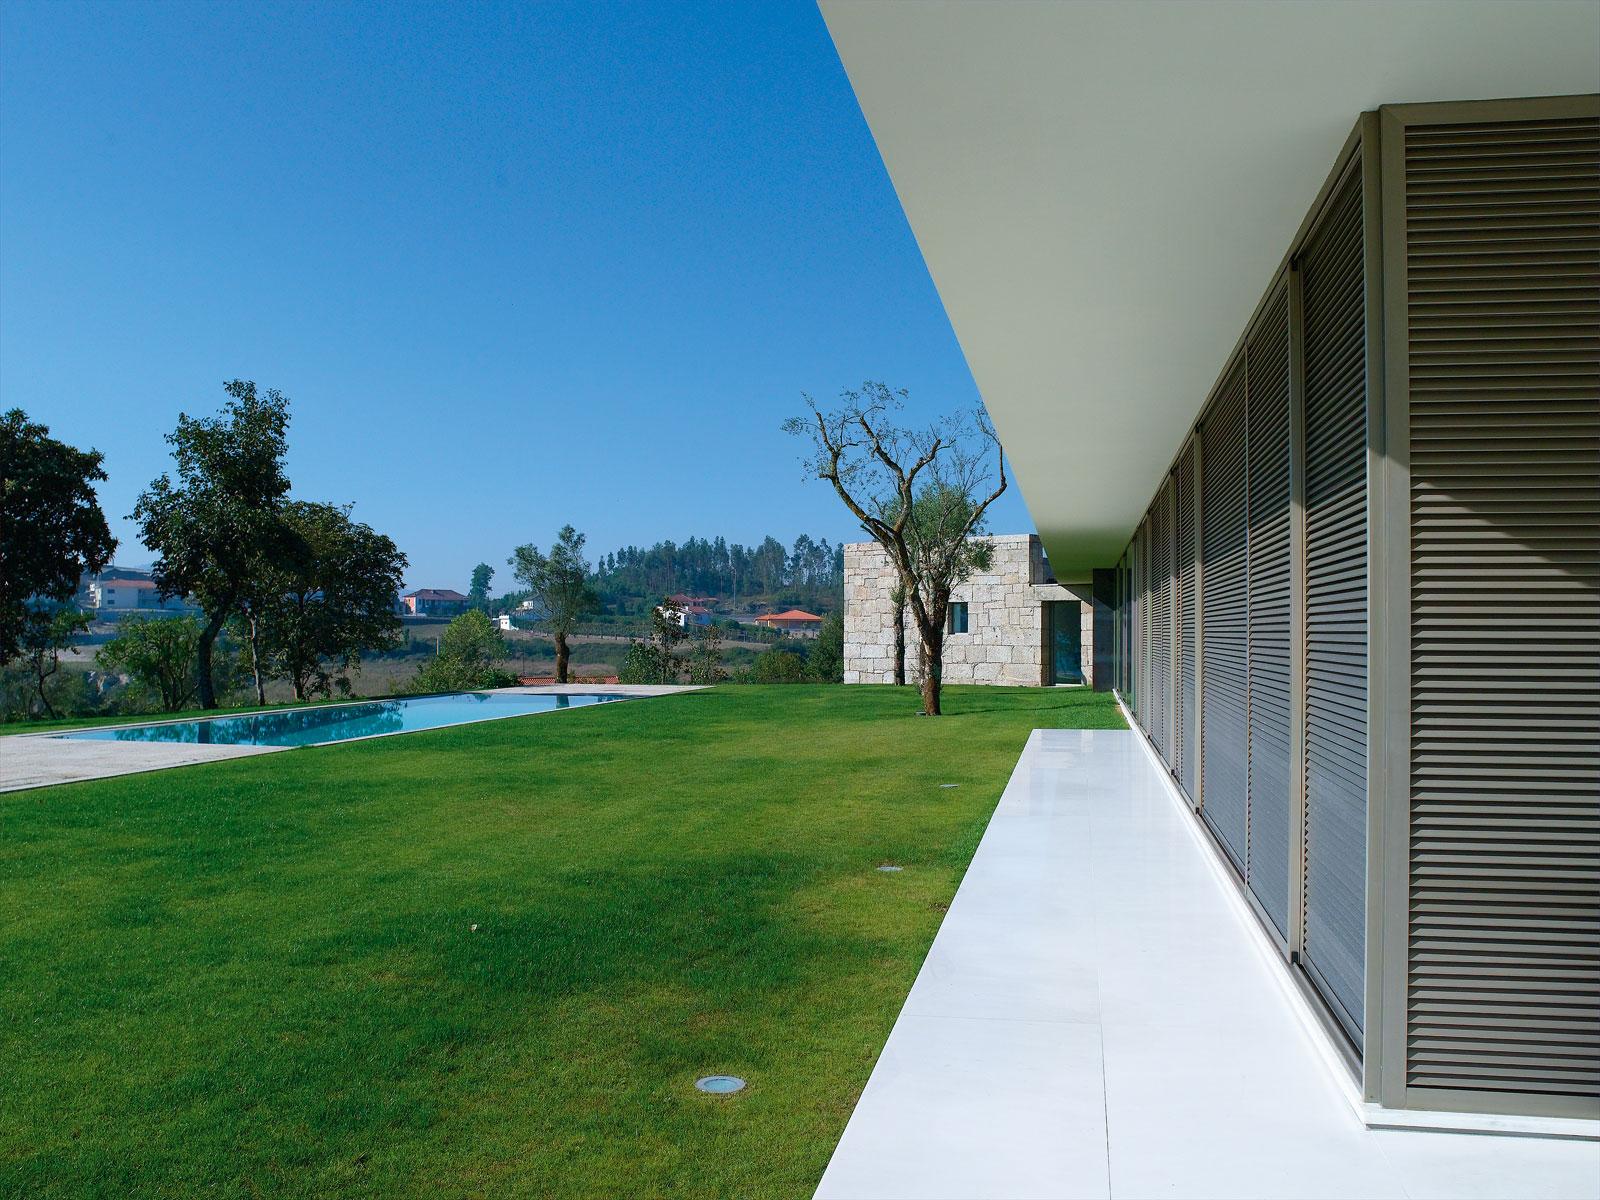 Casa em ta de topos atelier de arquitectura for Atelier arquitectura